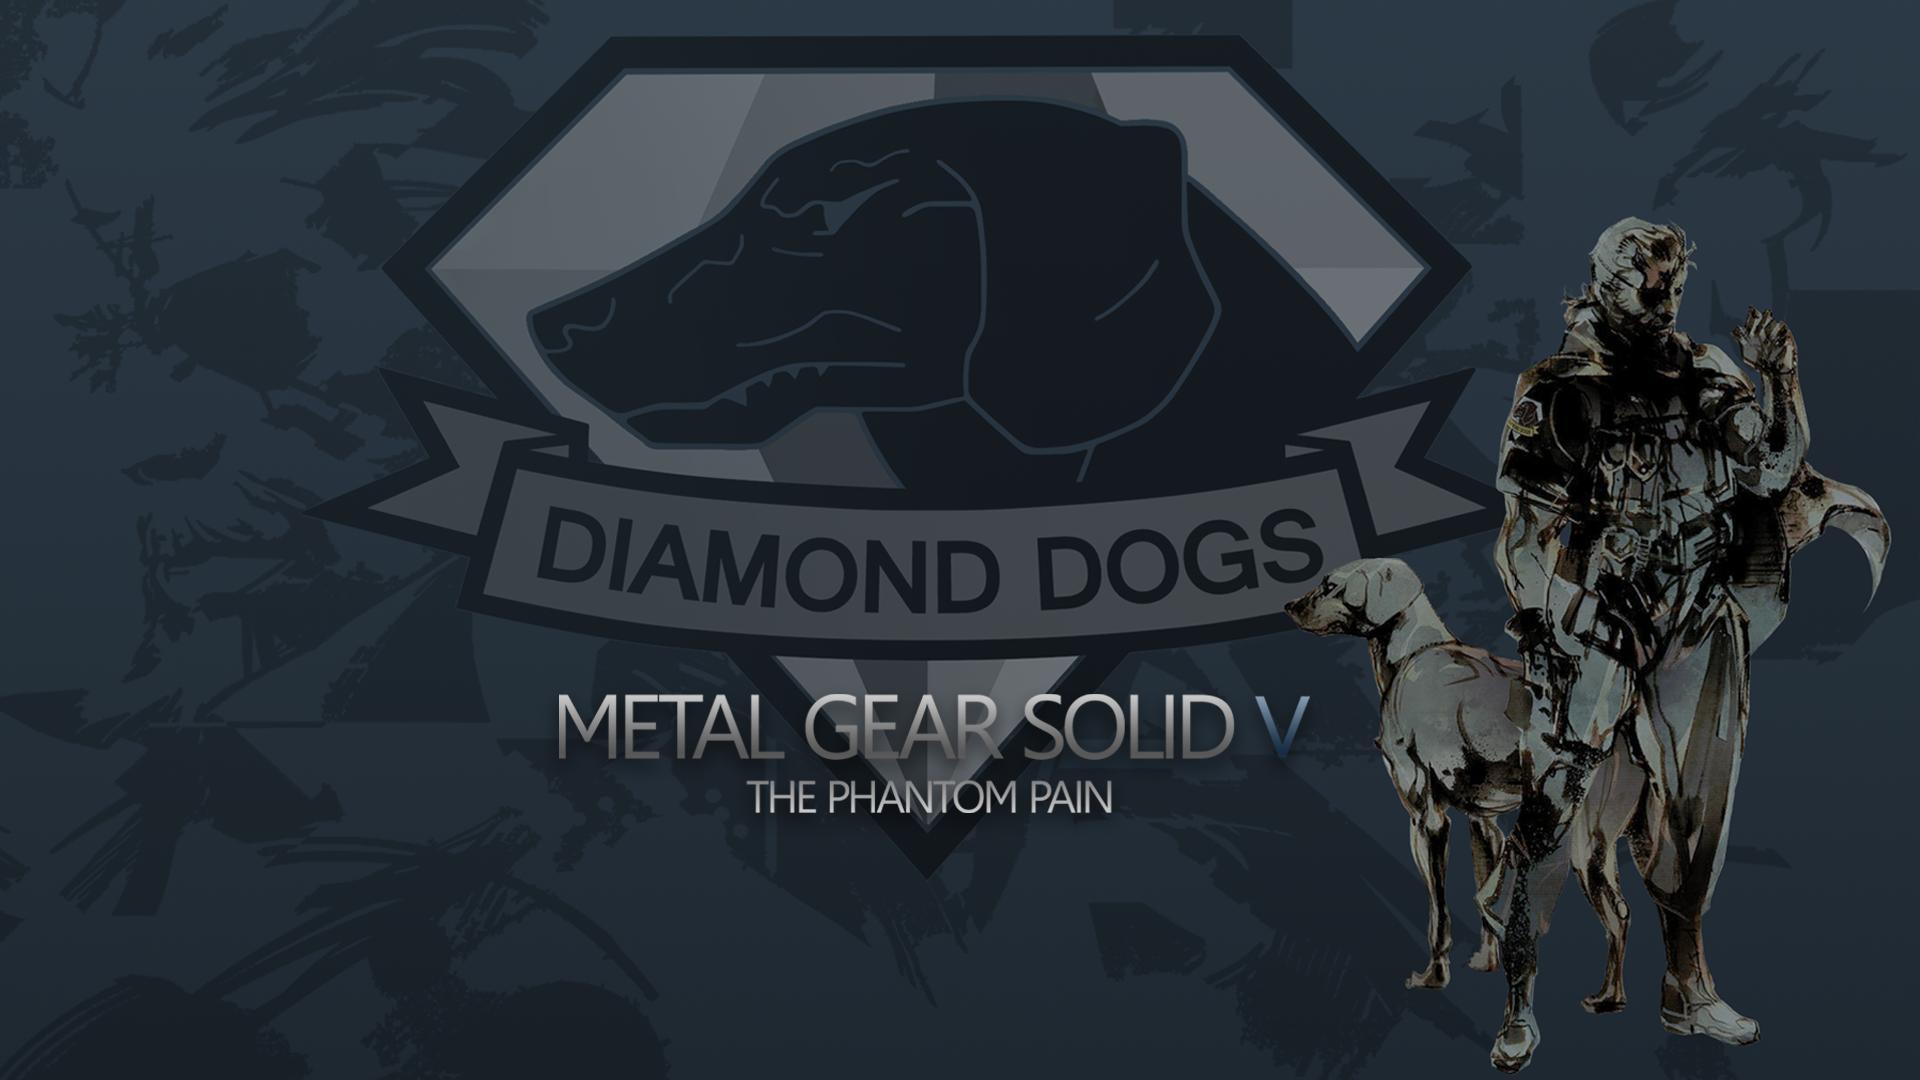 mgsv diamond dogs wallpaper by sleepingsandman watch fan art wallpaper 1920x1080